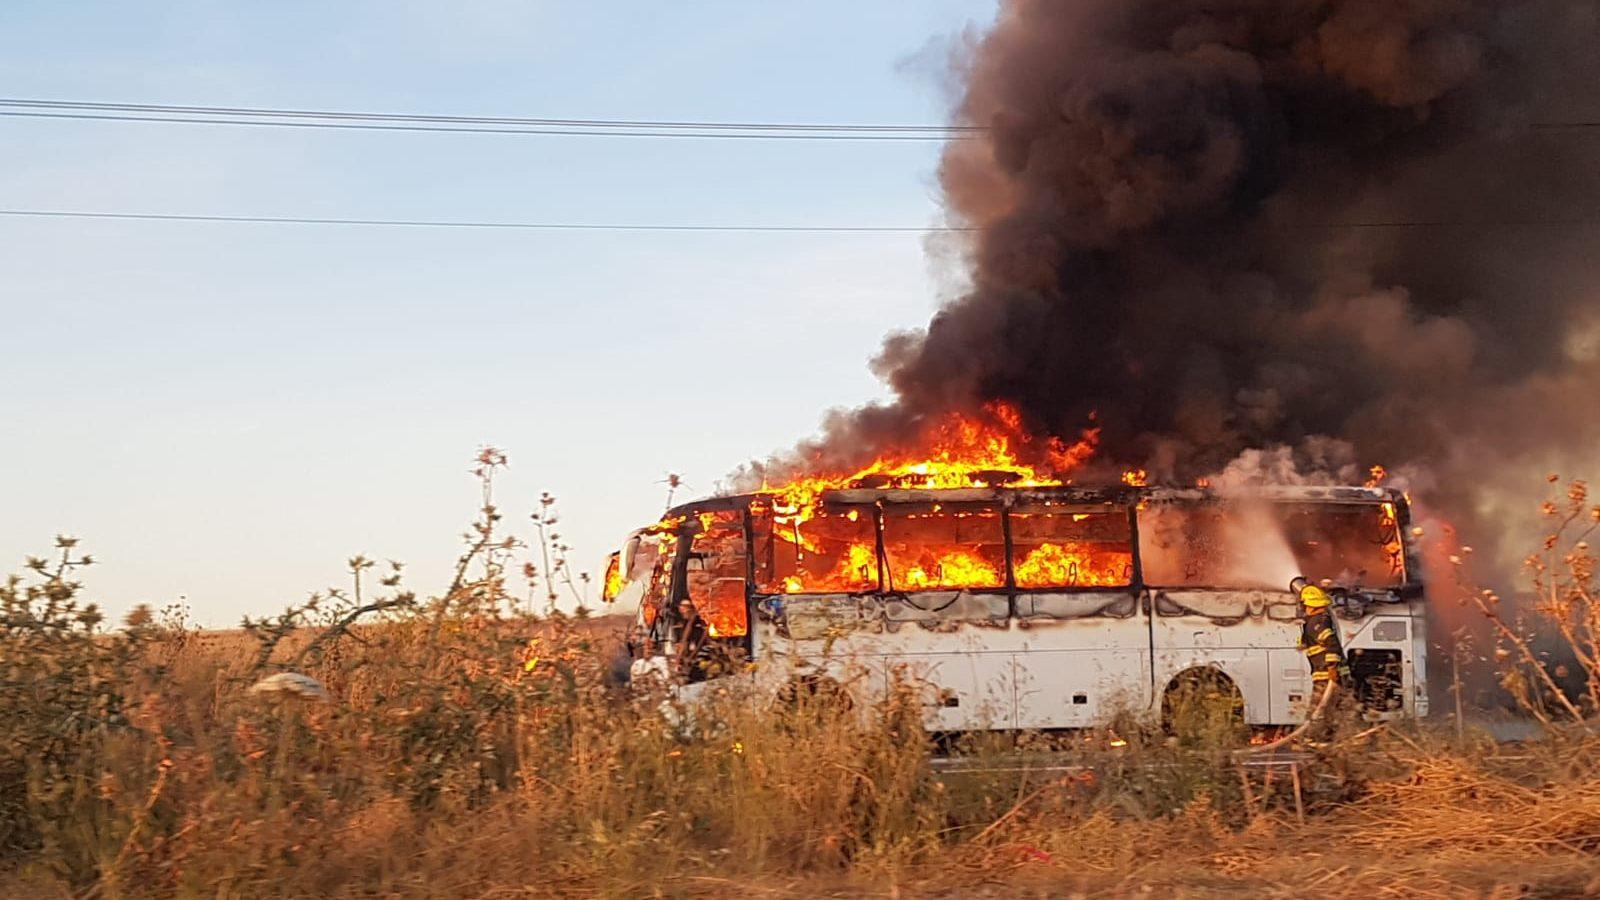 אוטובוס עלה באש בכביש המוביל לביה